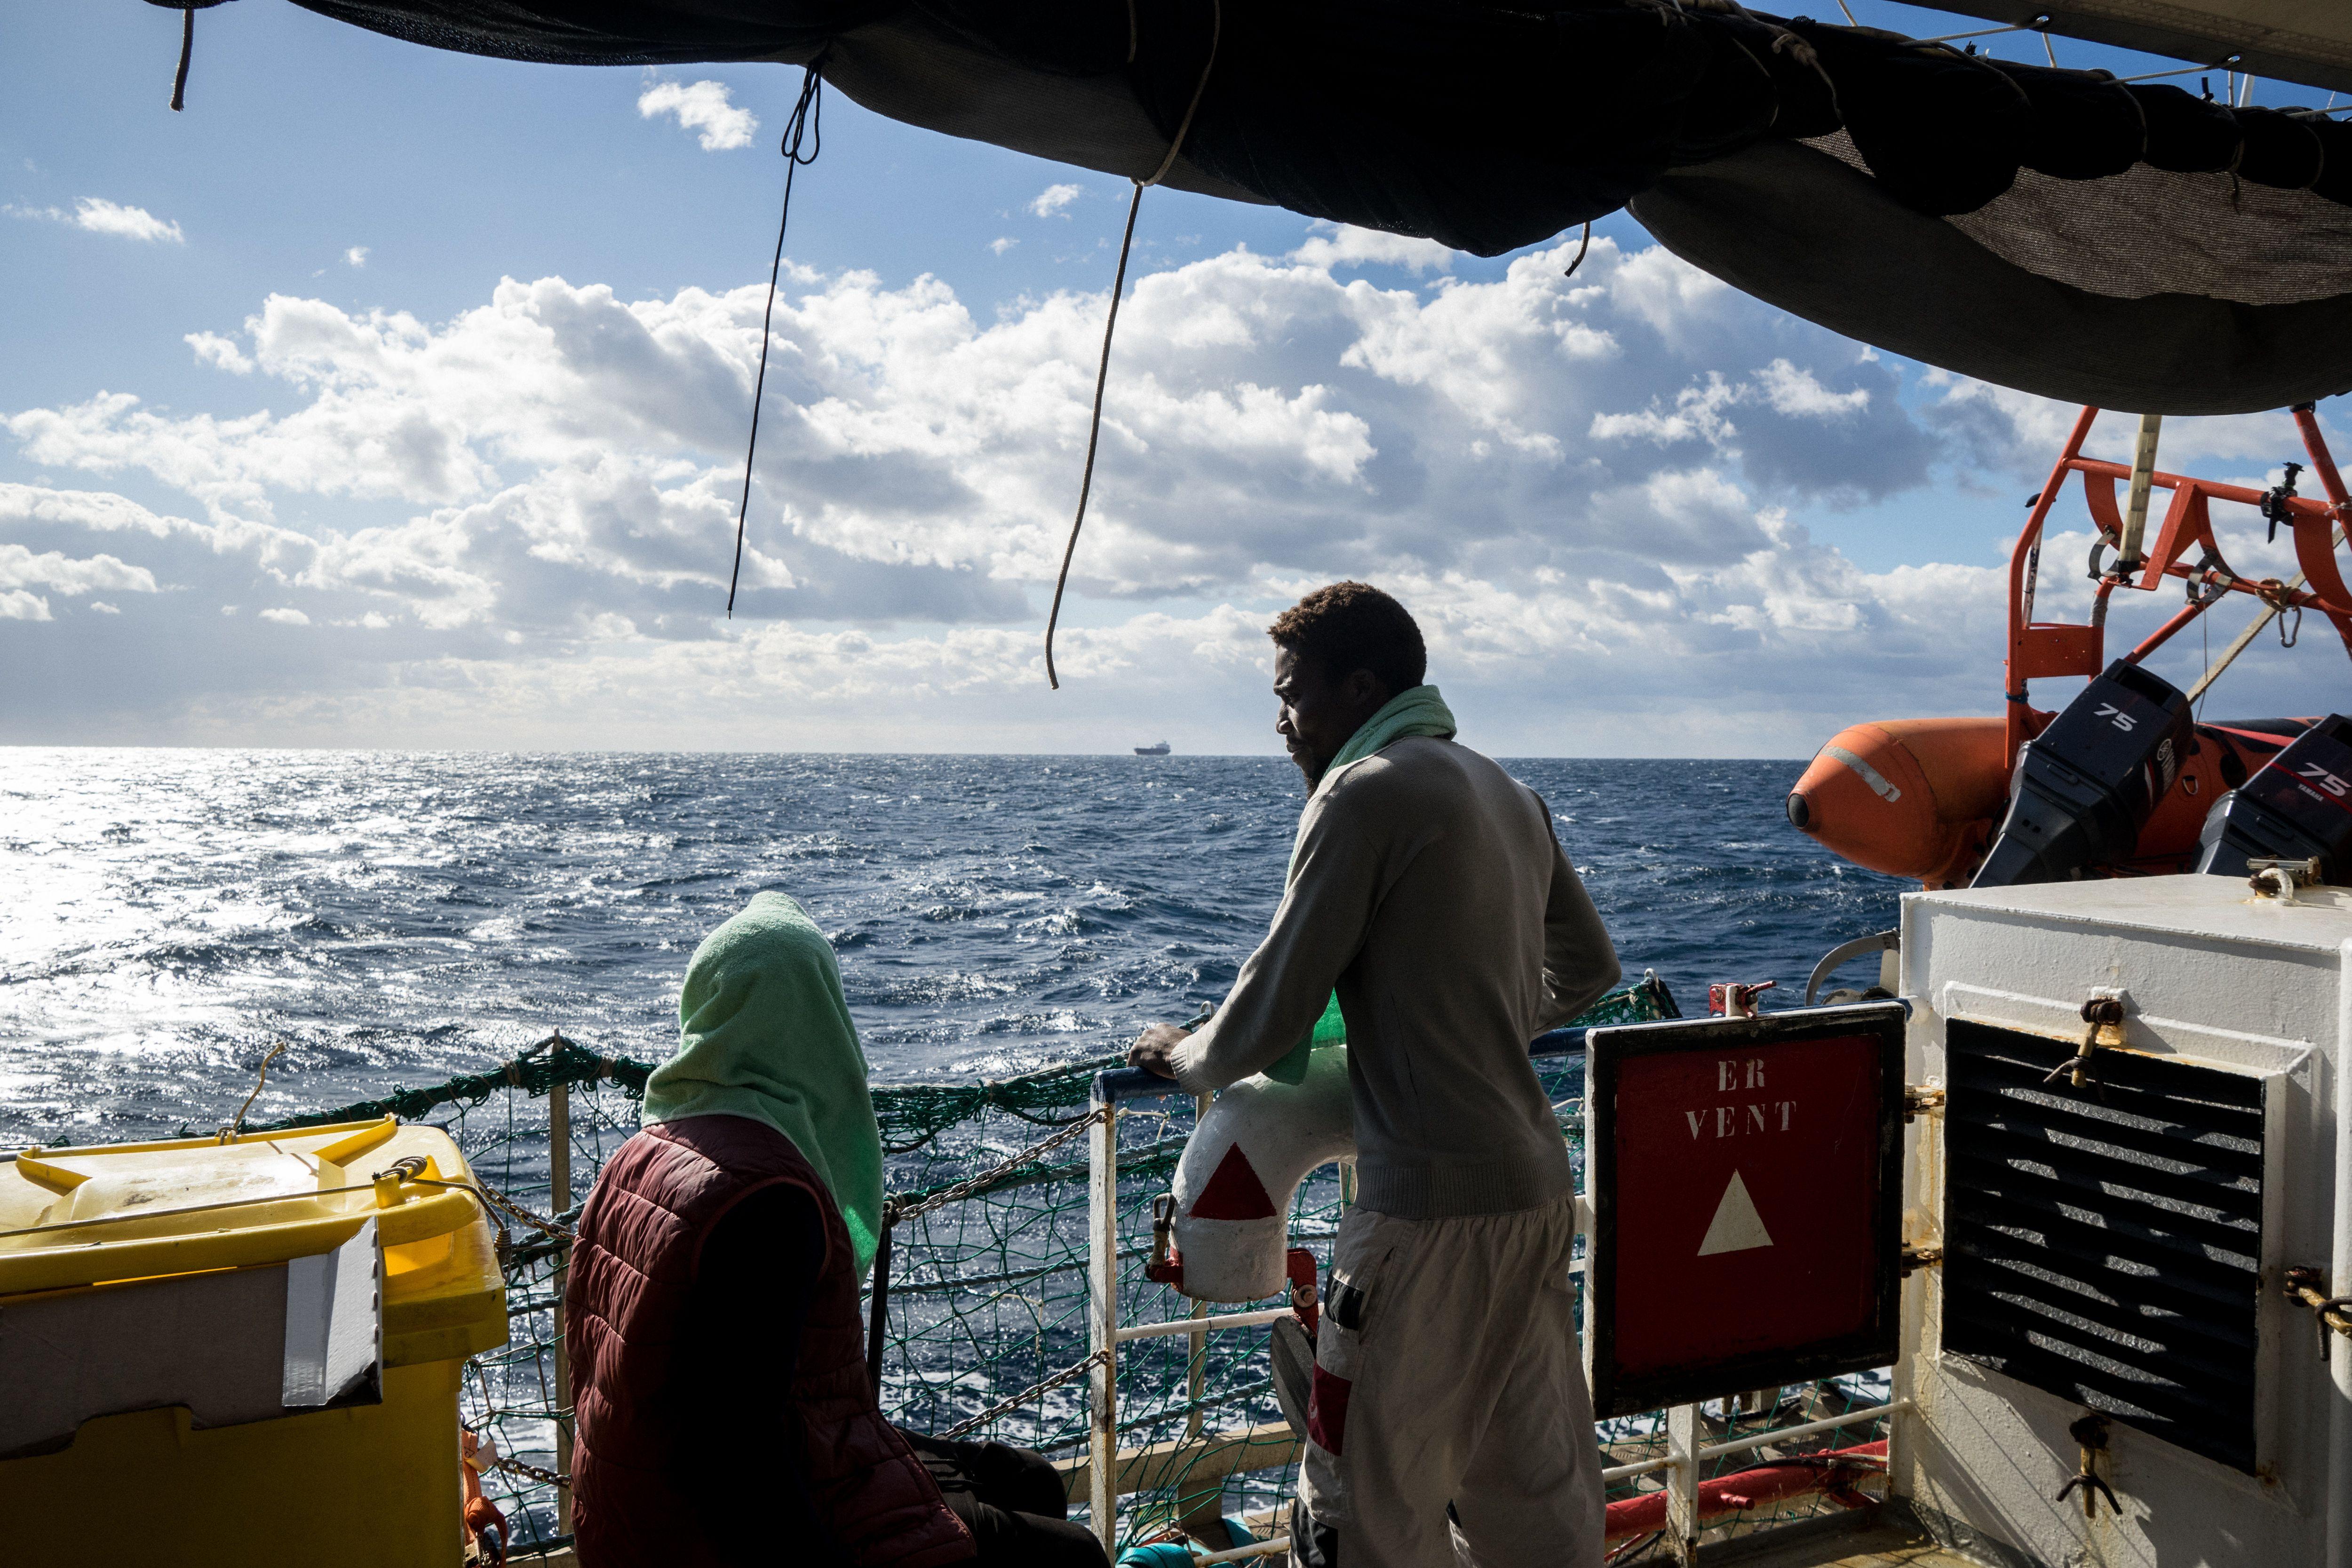 """Von Kapitänin Carola Rackete befördert: Migranten der """"Sea-Watch 3"""" zu 20 Jahren Haft verurteilt"""